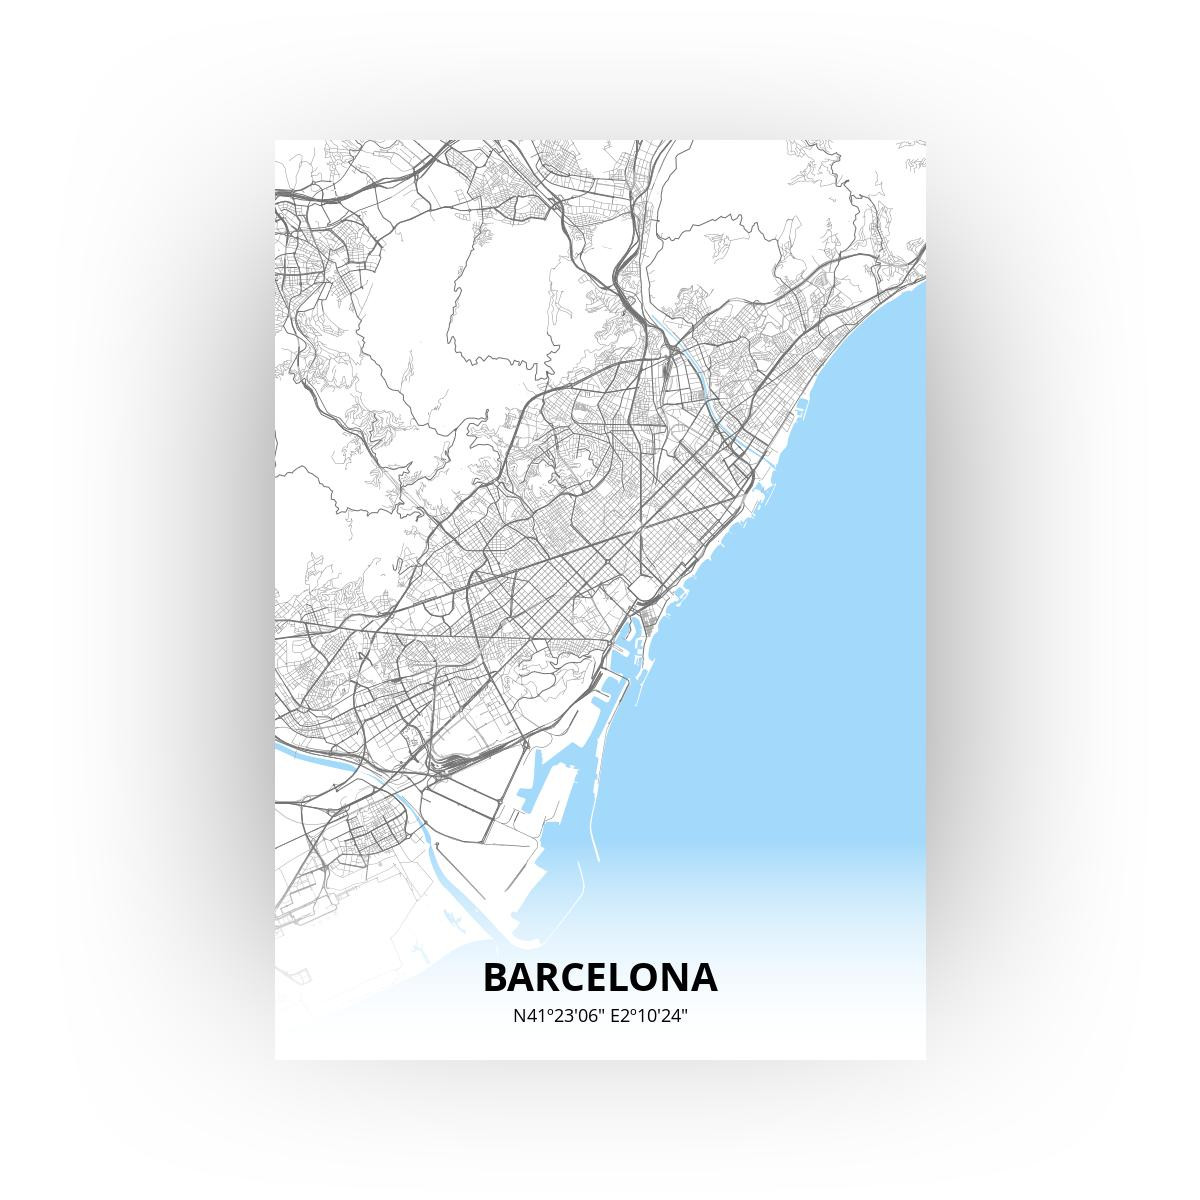 Barcelona print - Standaard stijl